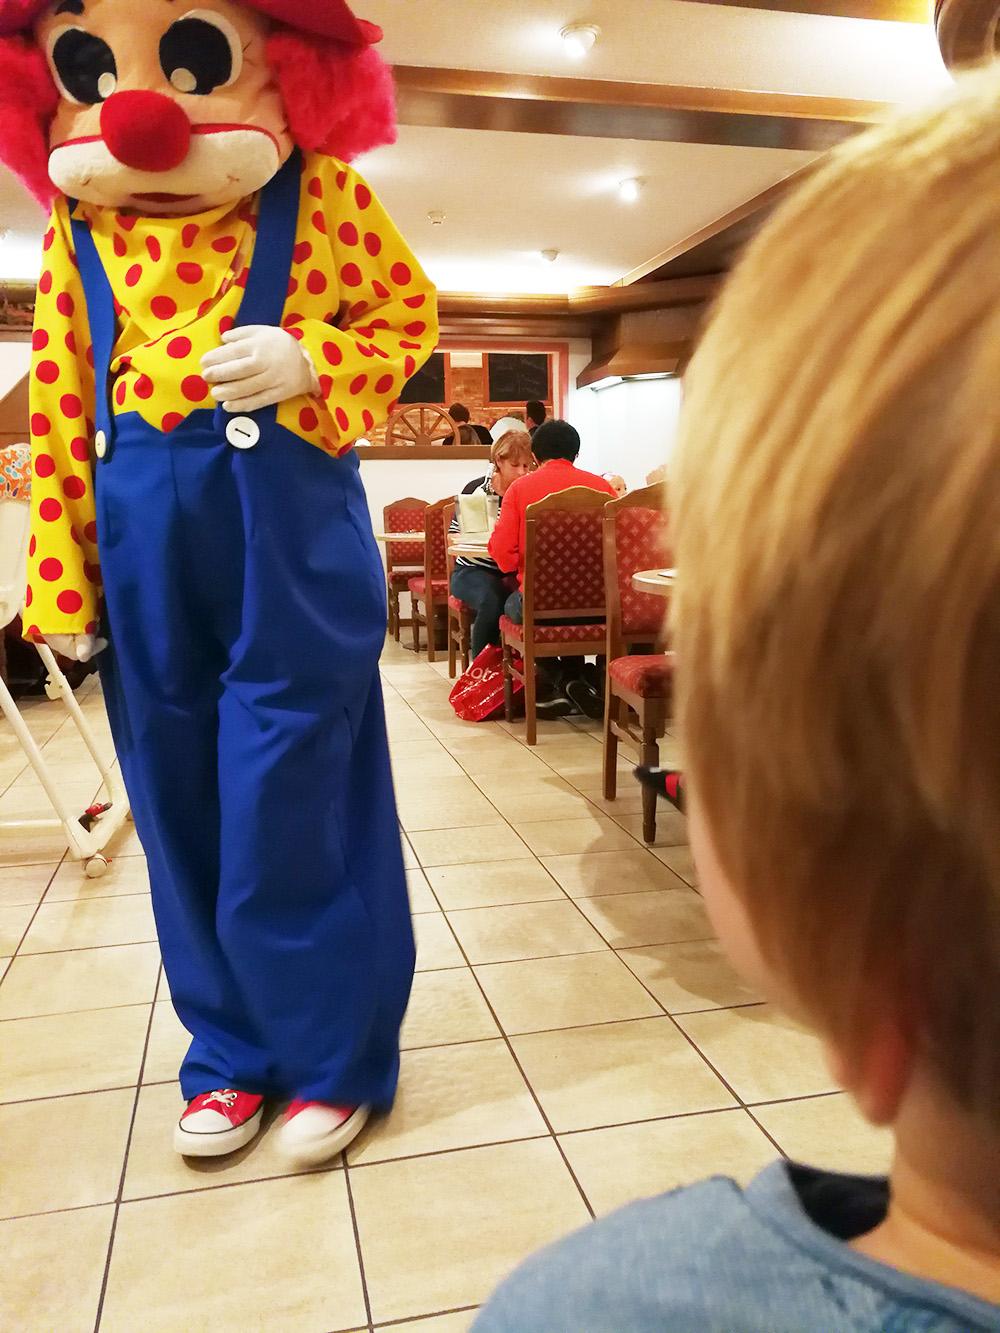 Familotel Landgut Furtherwirt Besuch vom Maskottchen Happy beim Abendessen